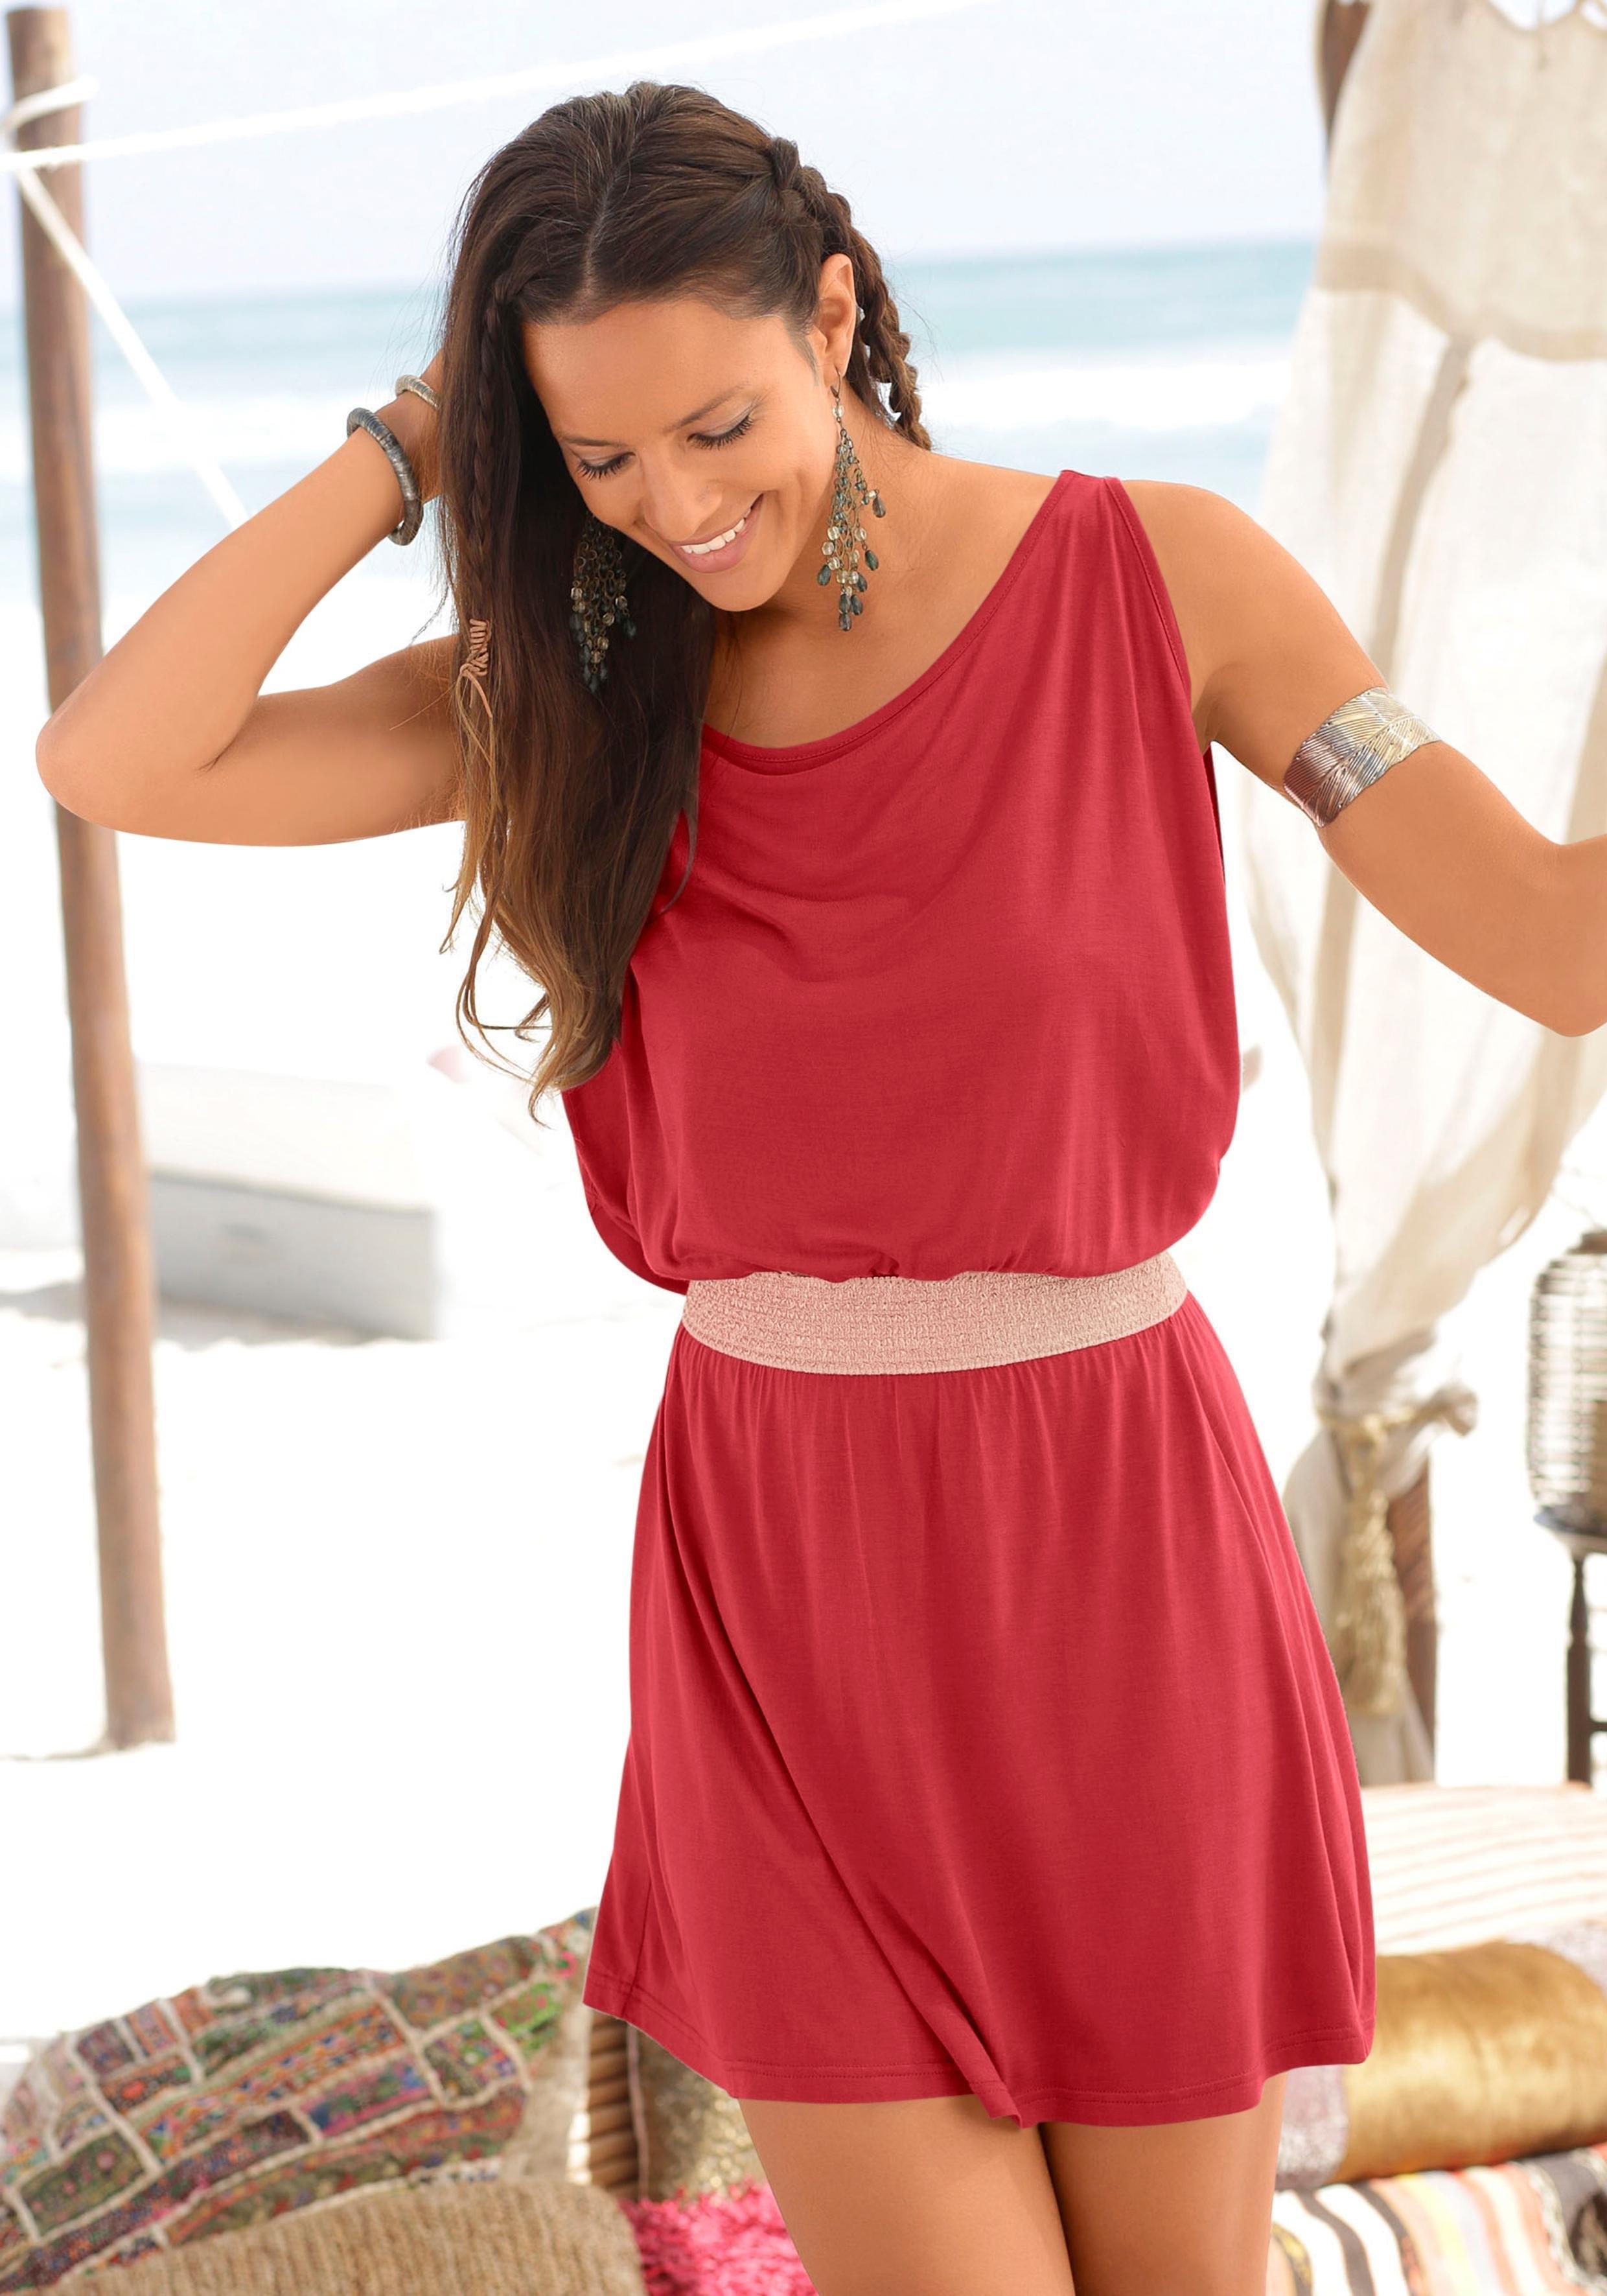 LASCANA feestjurkje met glanzende elastische riem voordelig en veilig online kopen